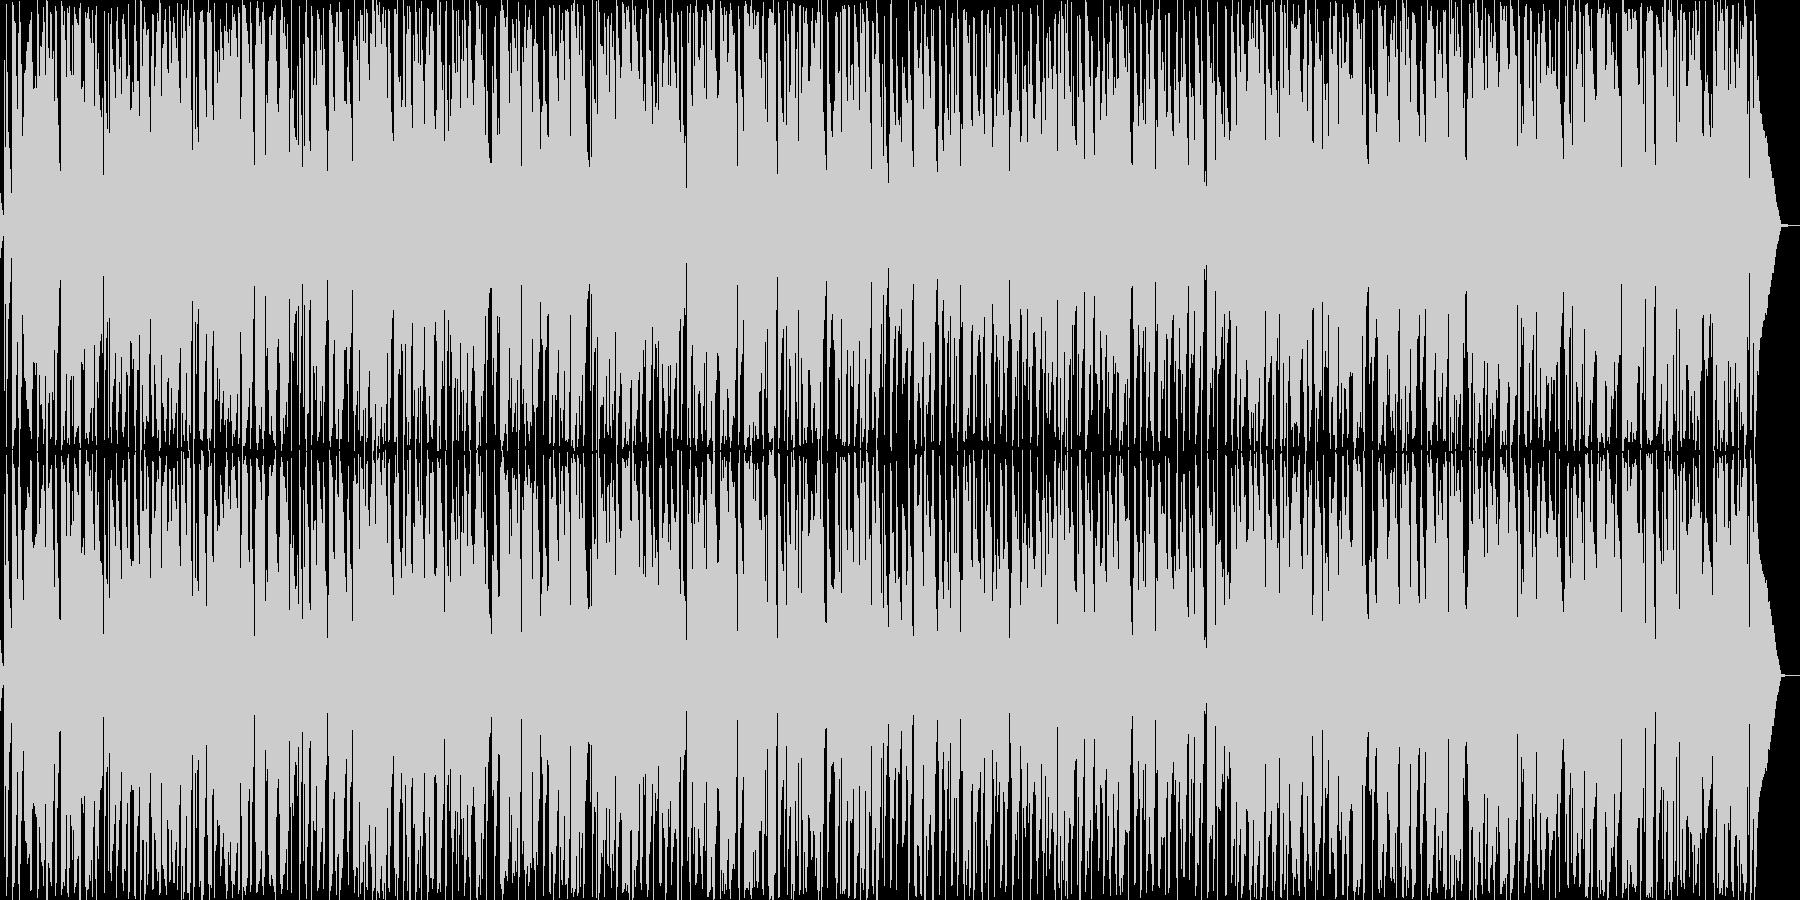 ほのぼの女性ボーカル・ウクレレリコーダーの未再生の波形